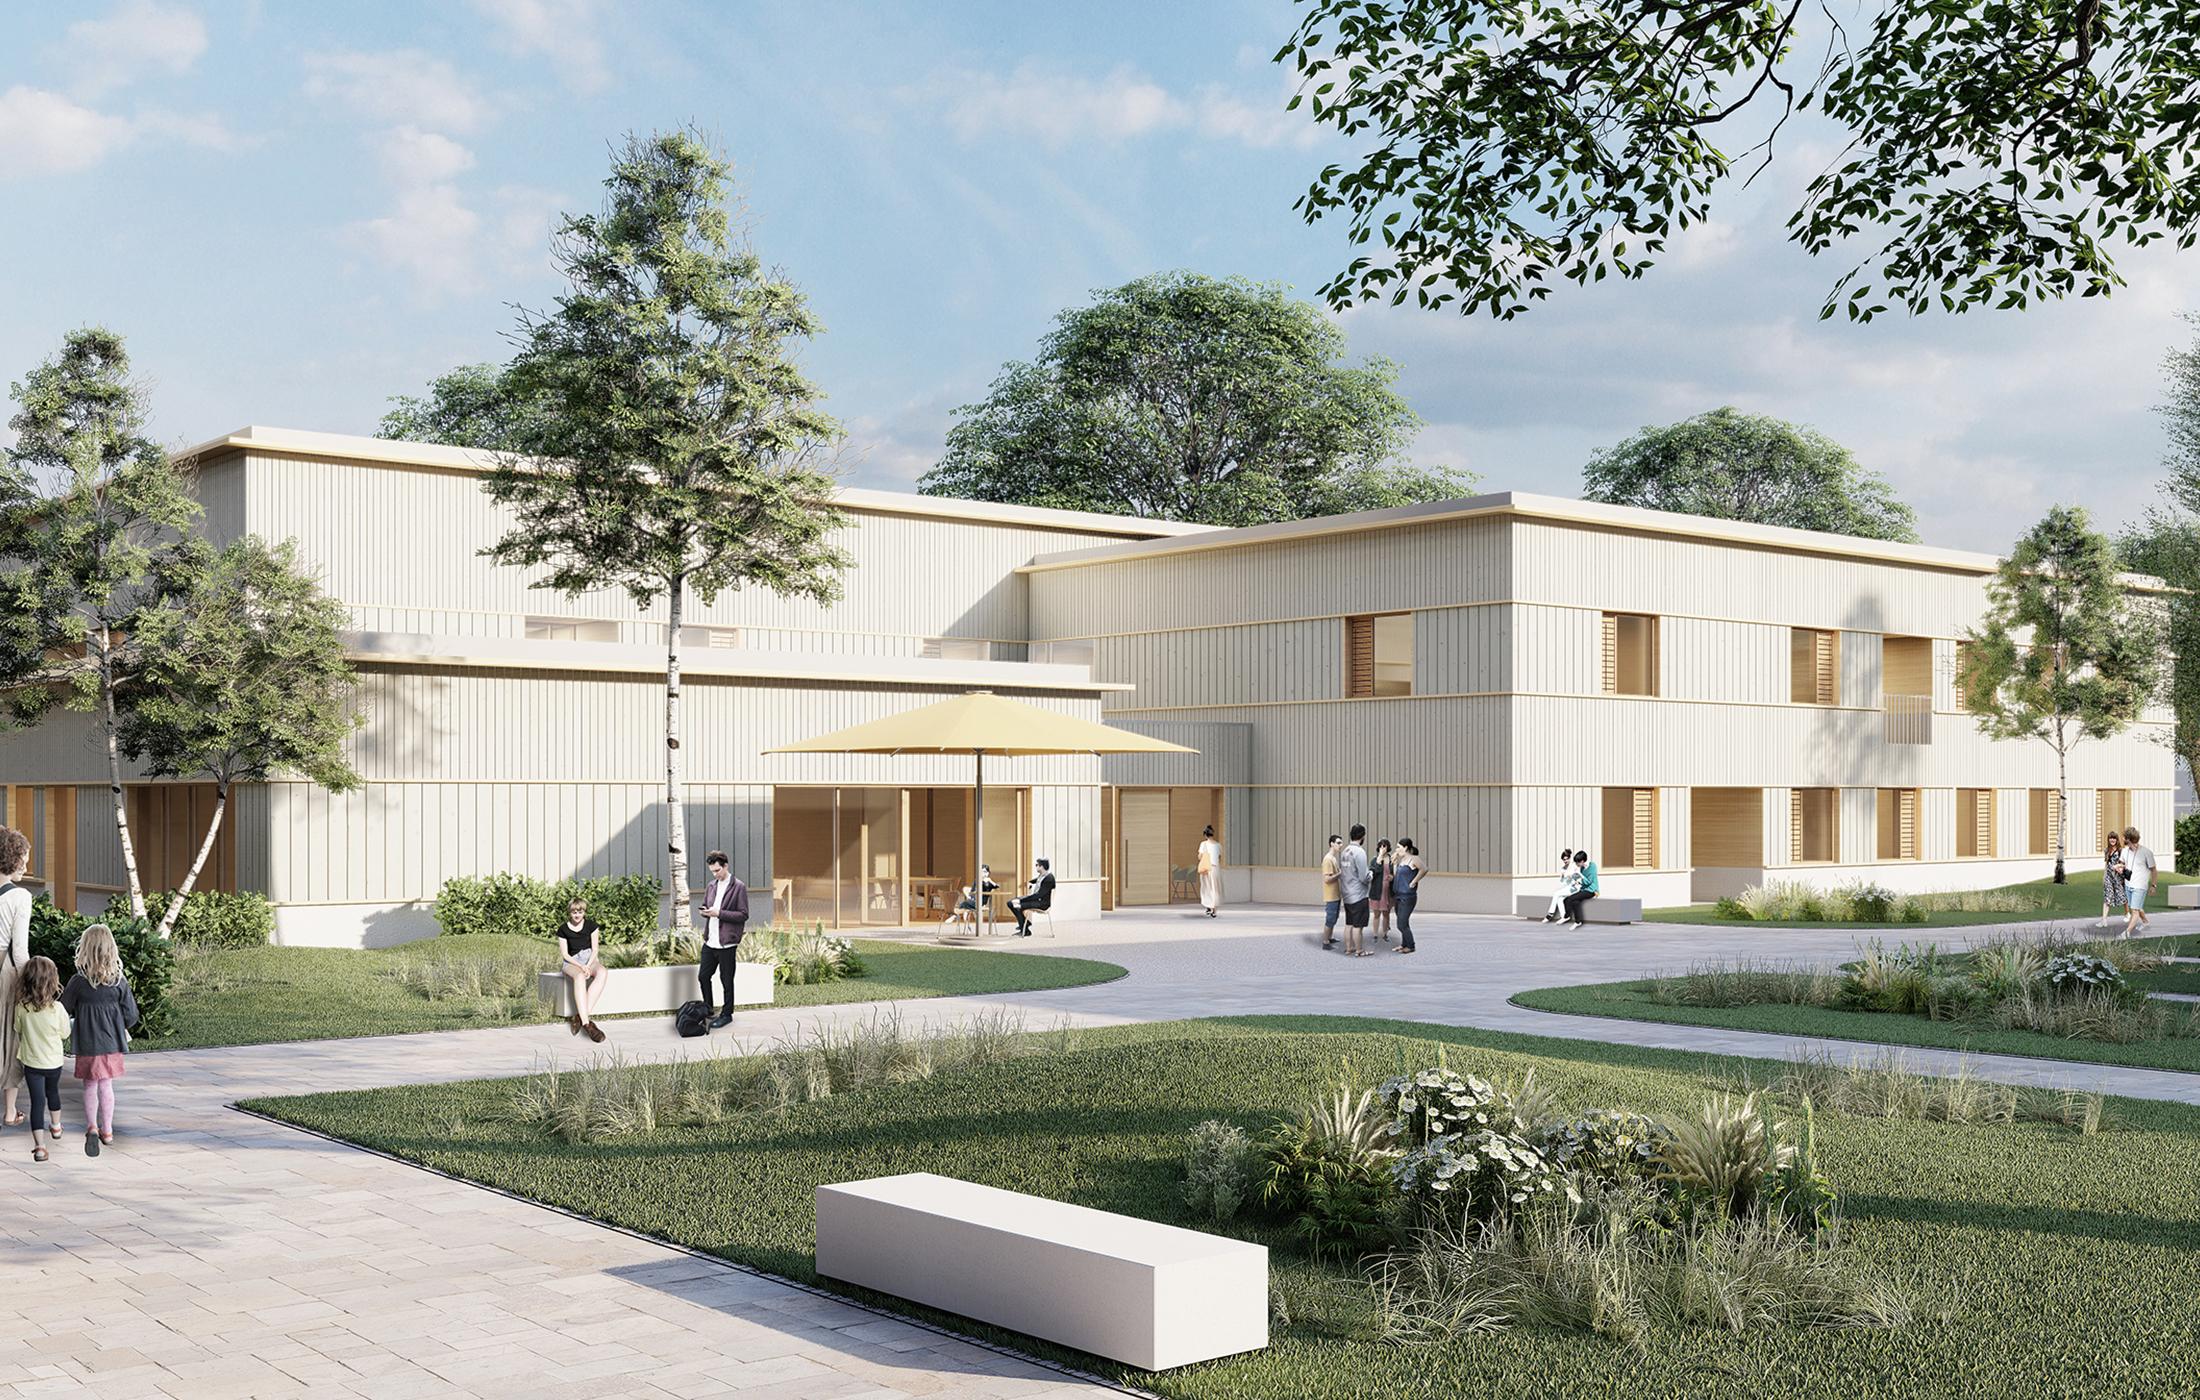 2020, Sankt Josefhaus, Herten